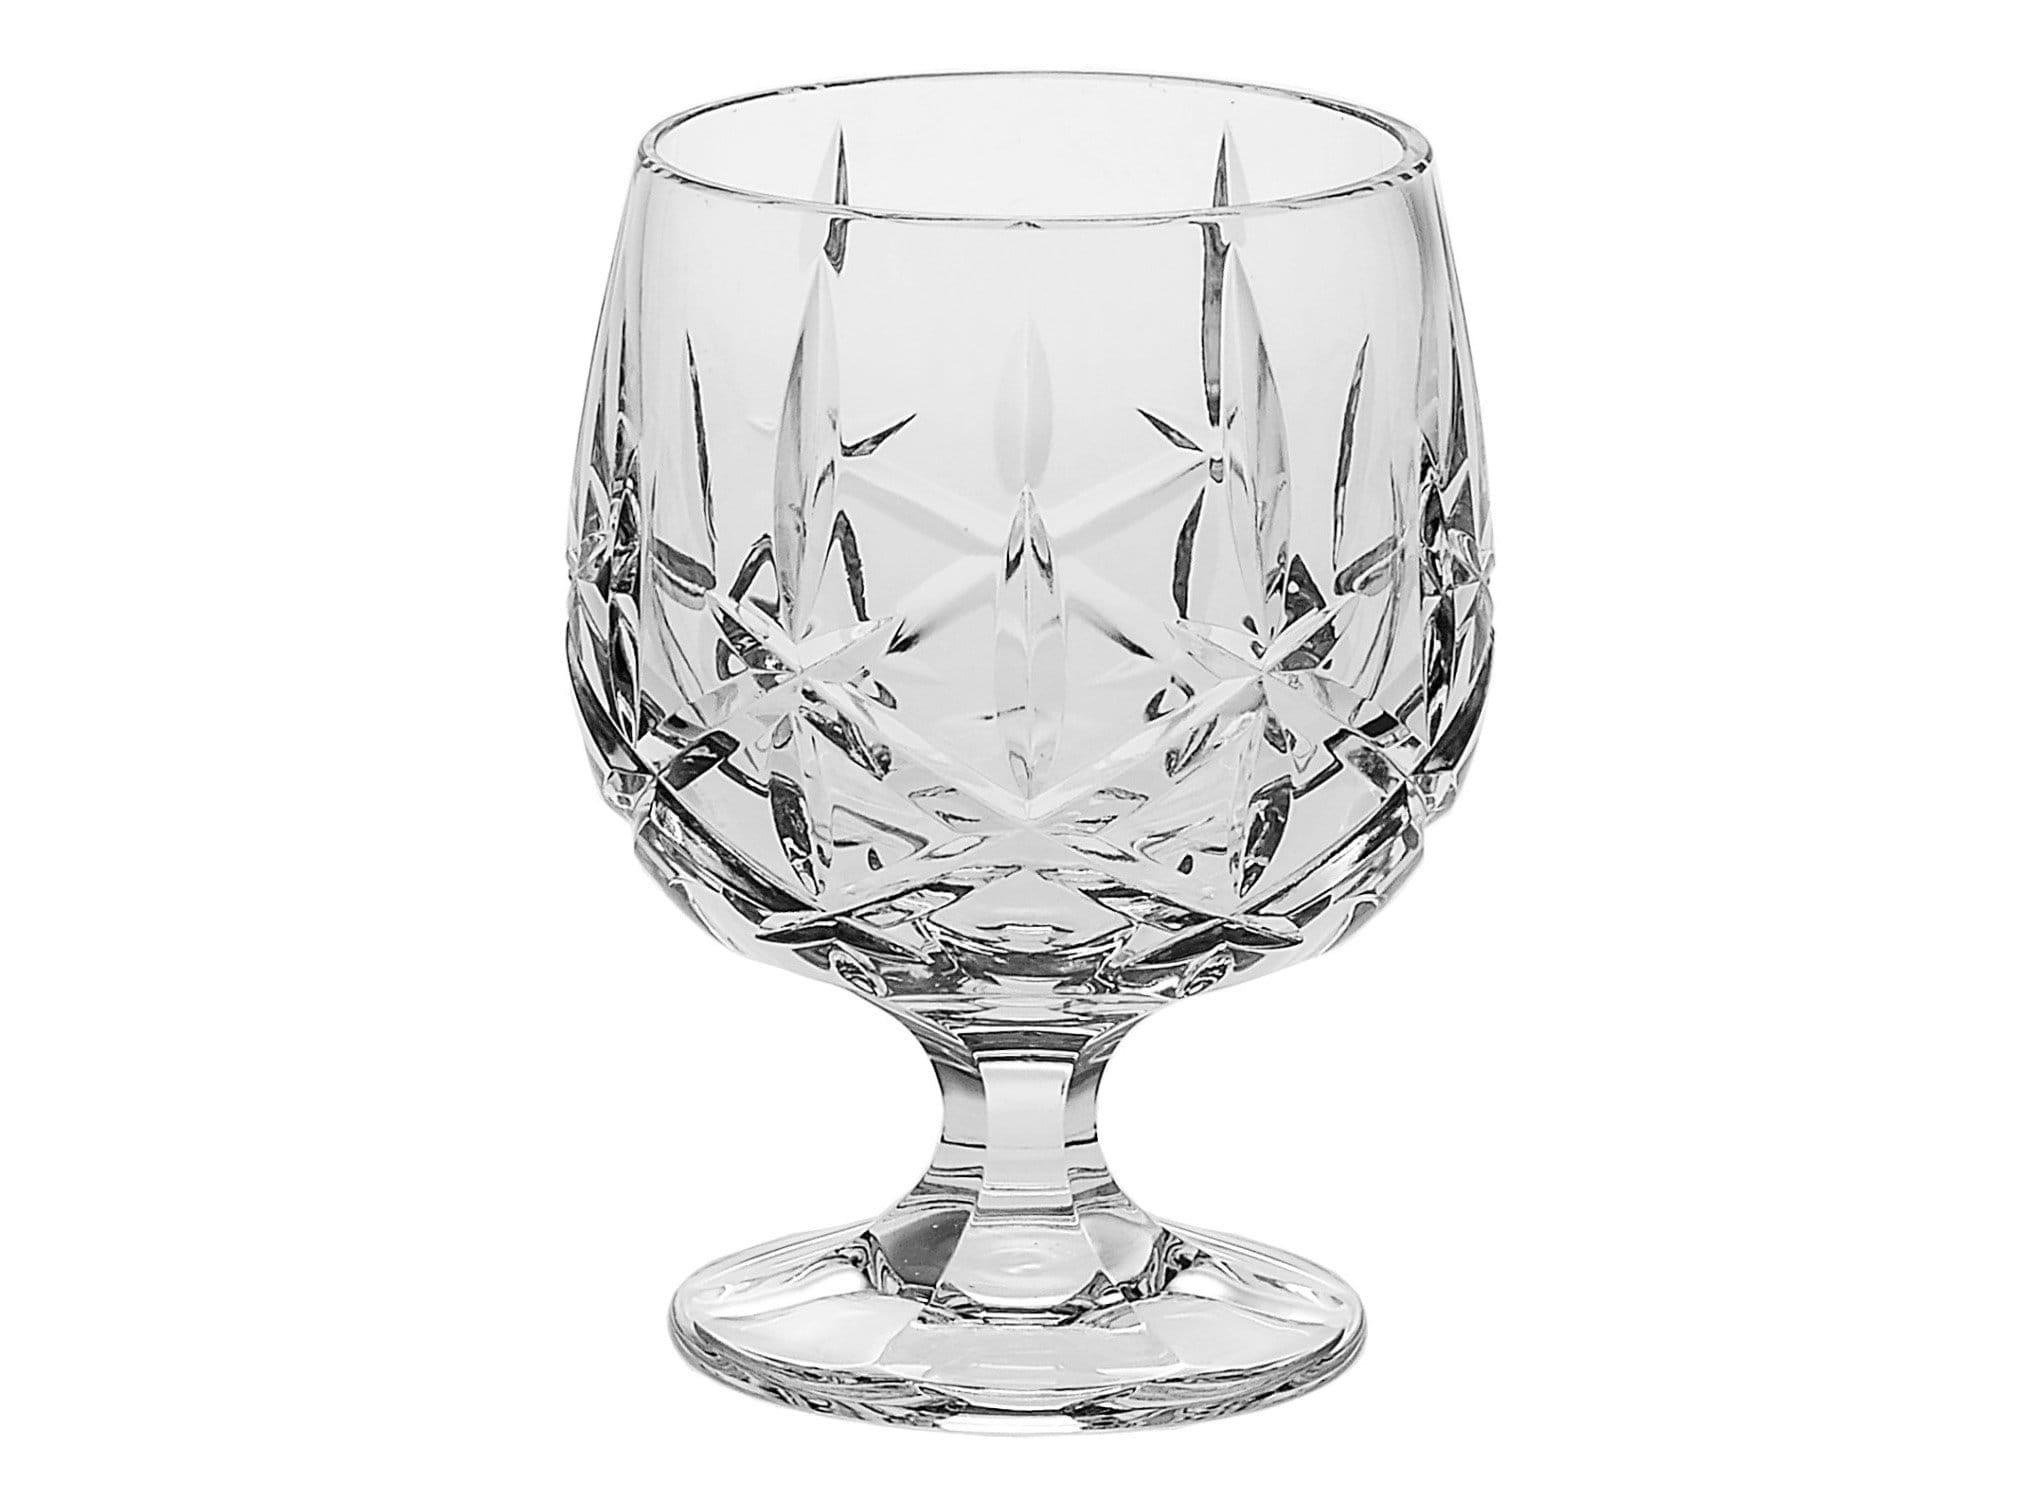 Келихи Богемія з Чехії: переваги чеського скла, фужер для червоного і білого вина, богемські набори